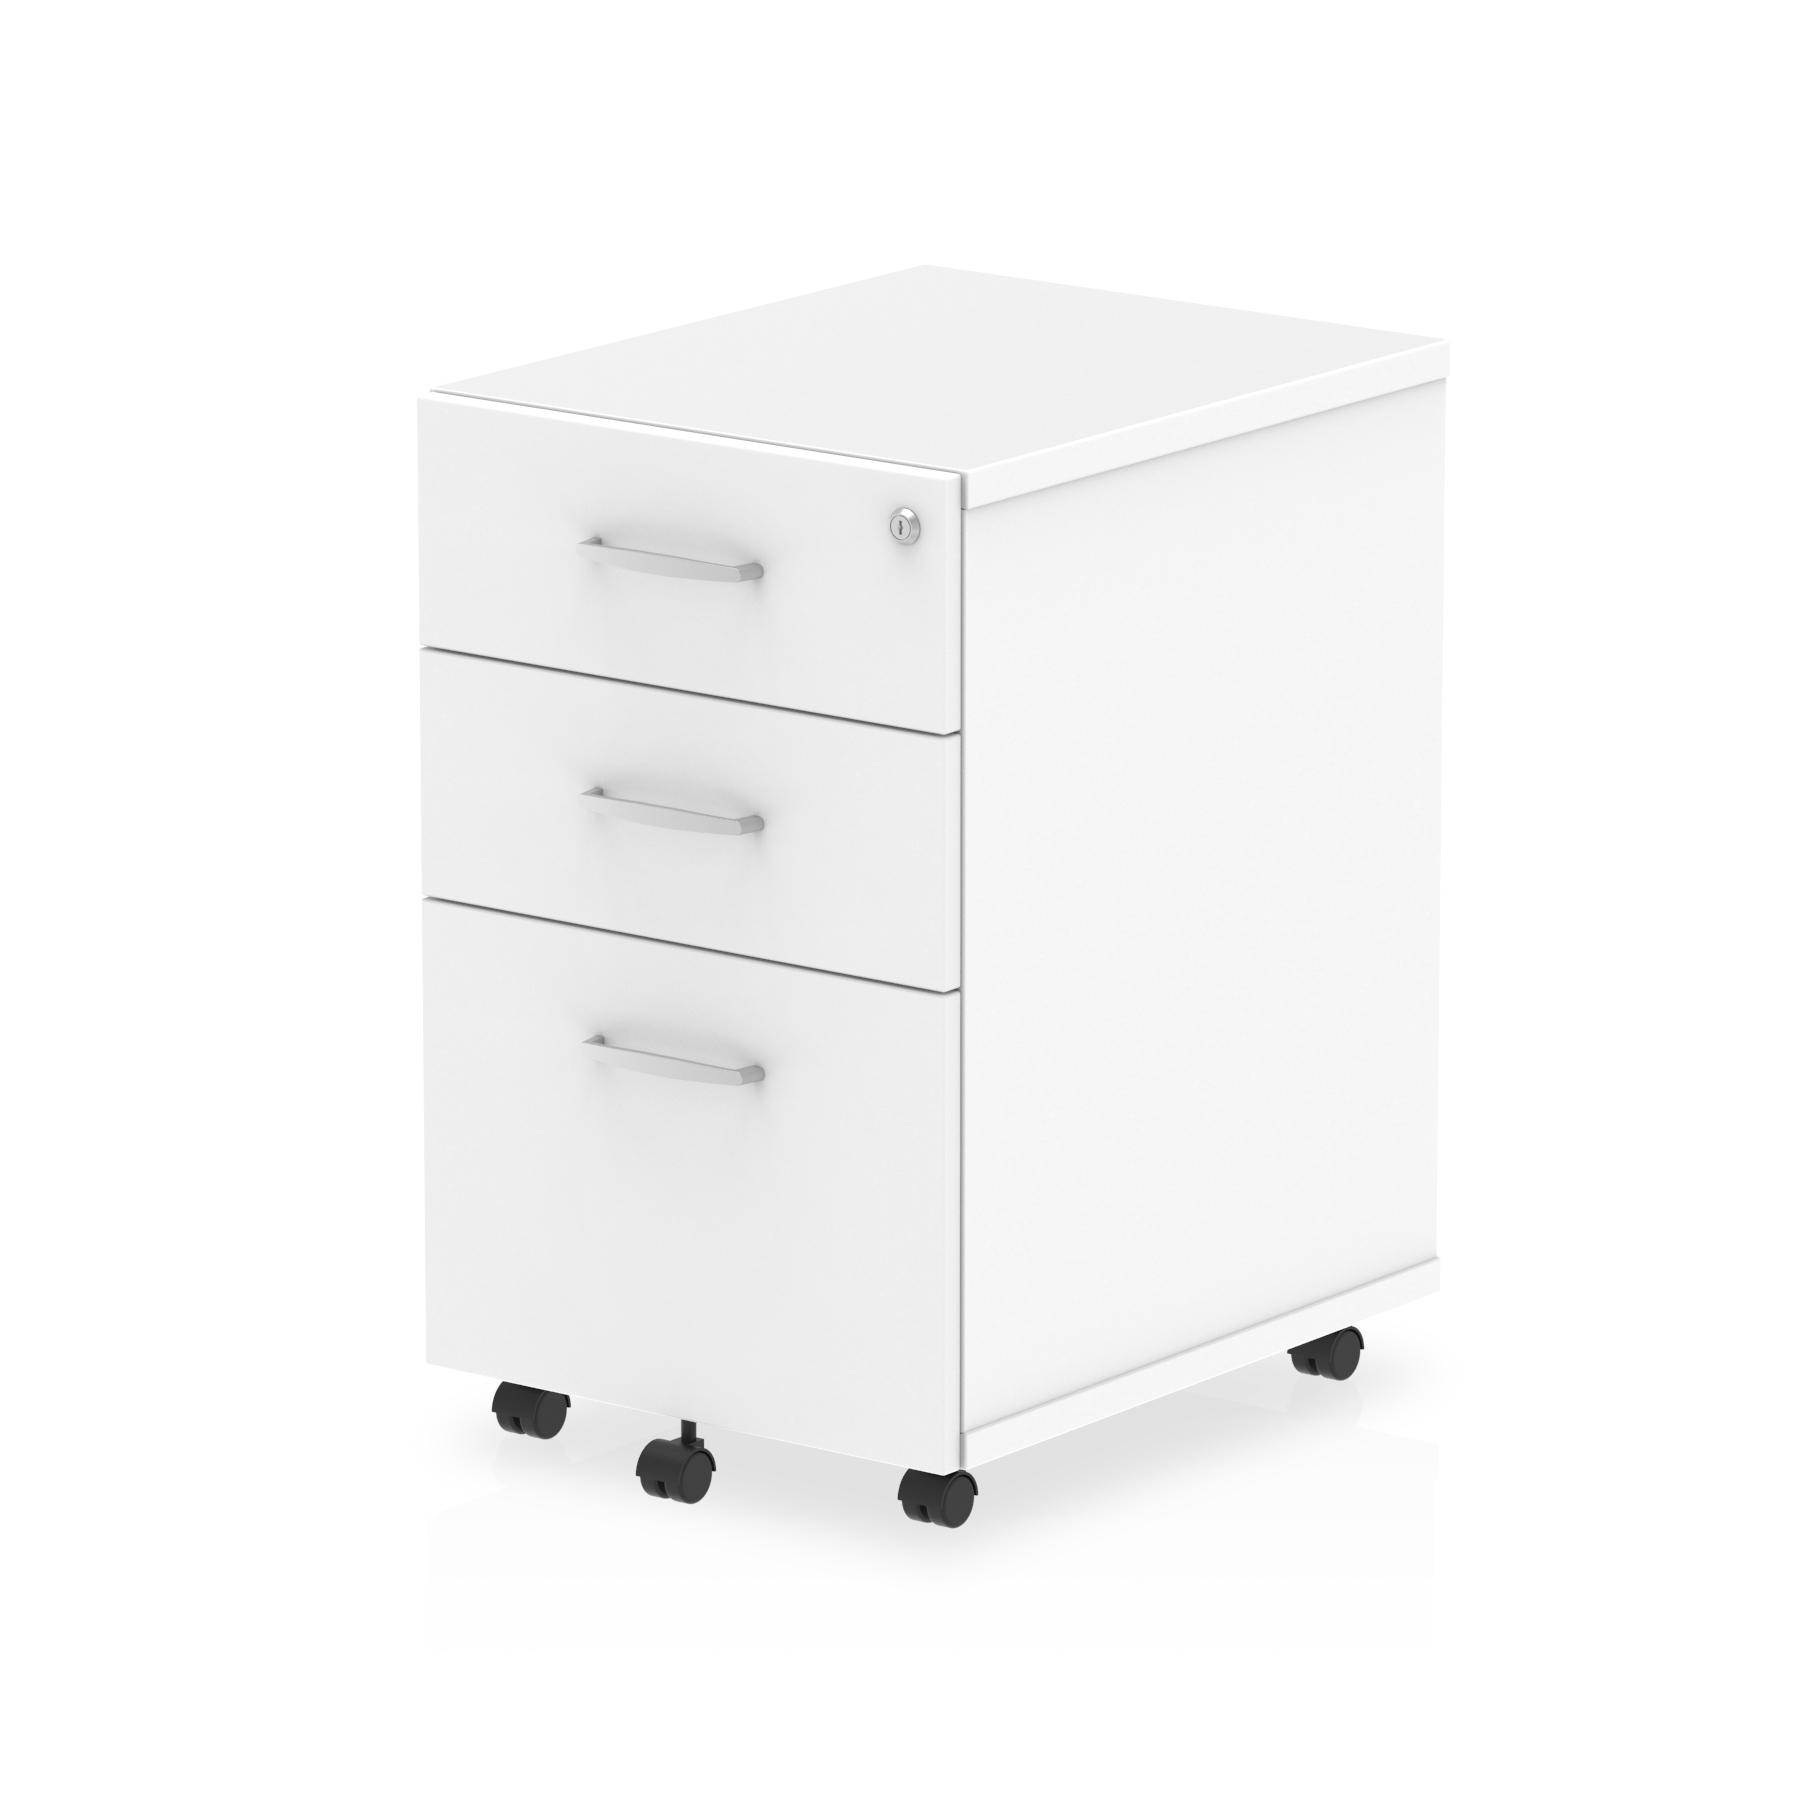 3 Drawer Impulse 3 Drawer Under Desk Pedestal White I001654